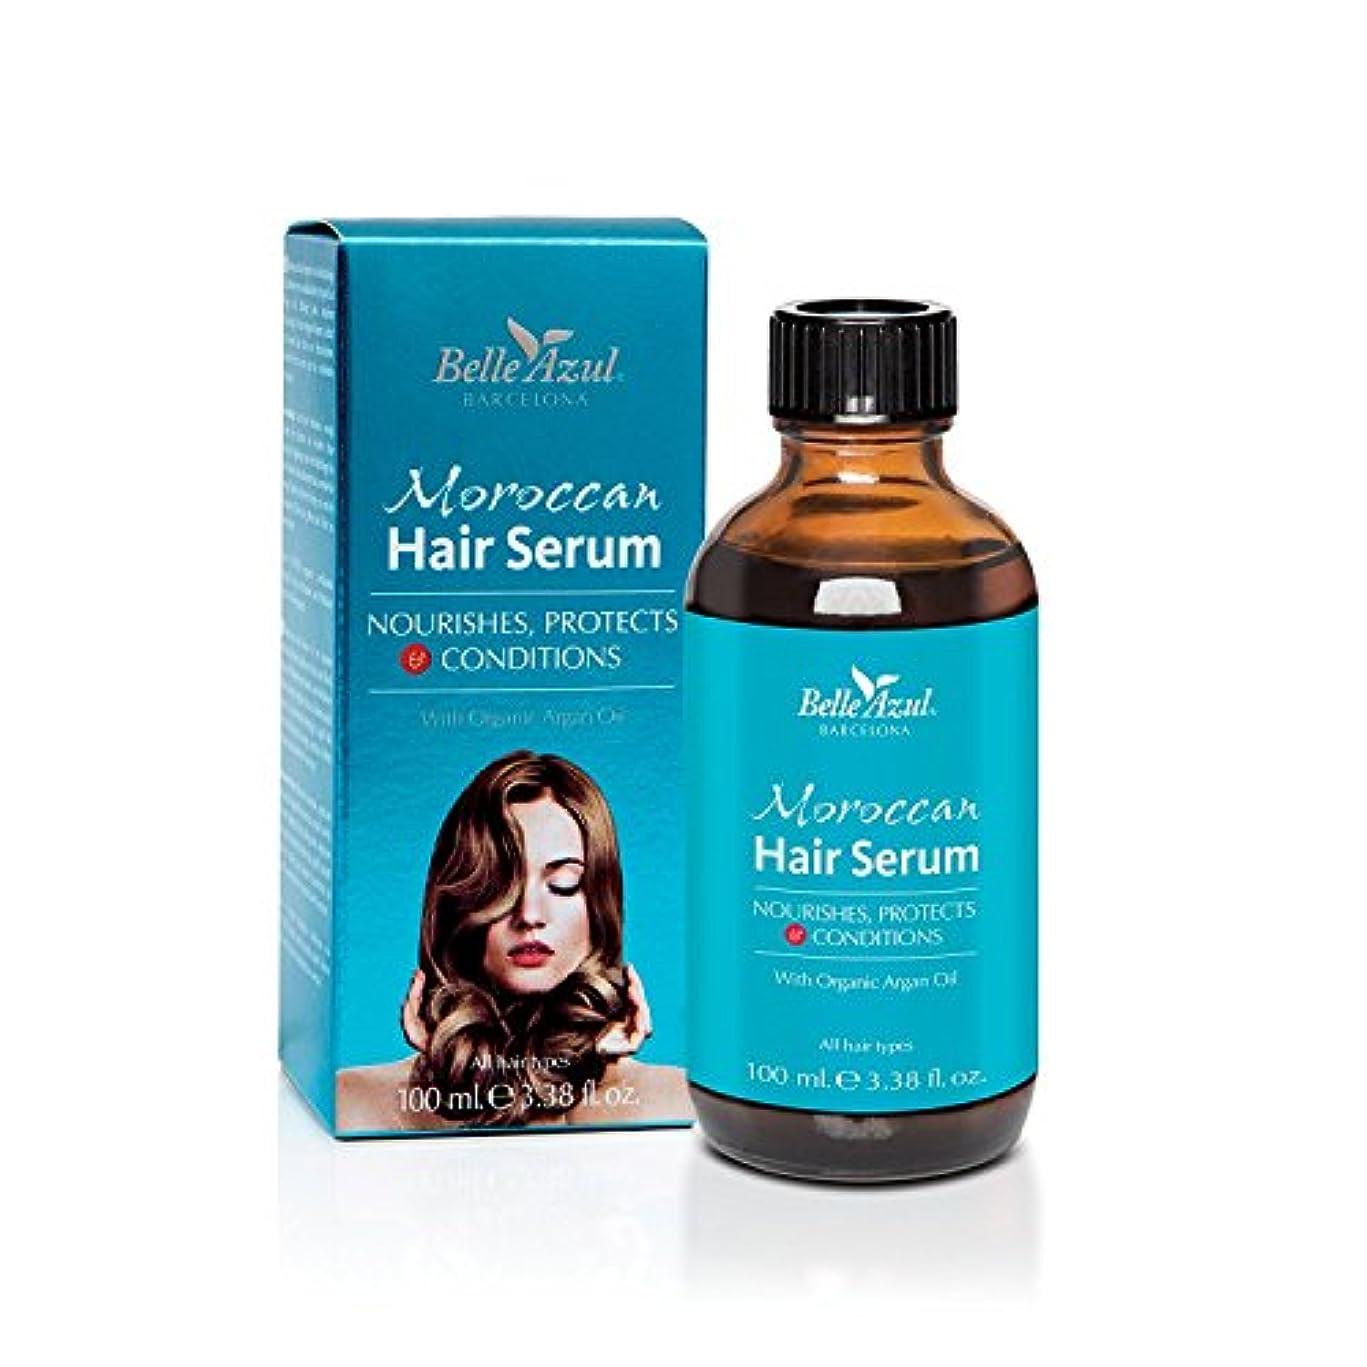 イディオム考えやさしくベルアスール (Belle Azul) モロッカン ヘア セラム 髪用 美容液 アルガンオイル 配合